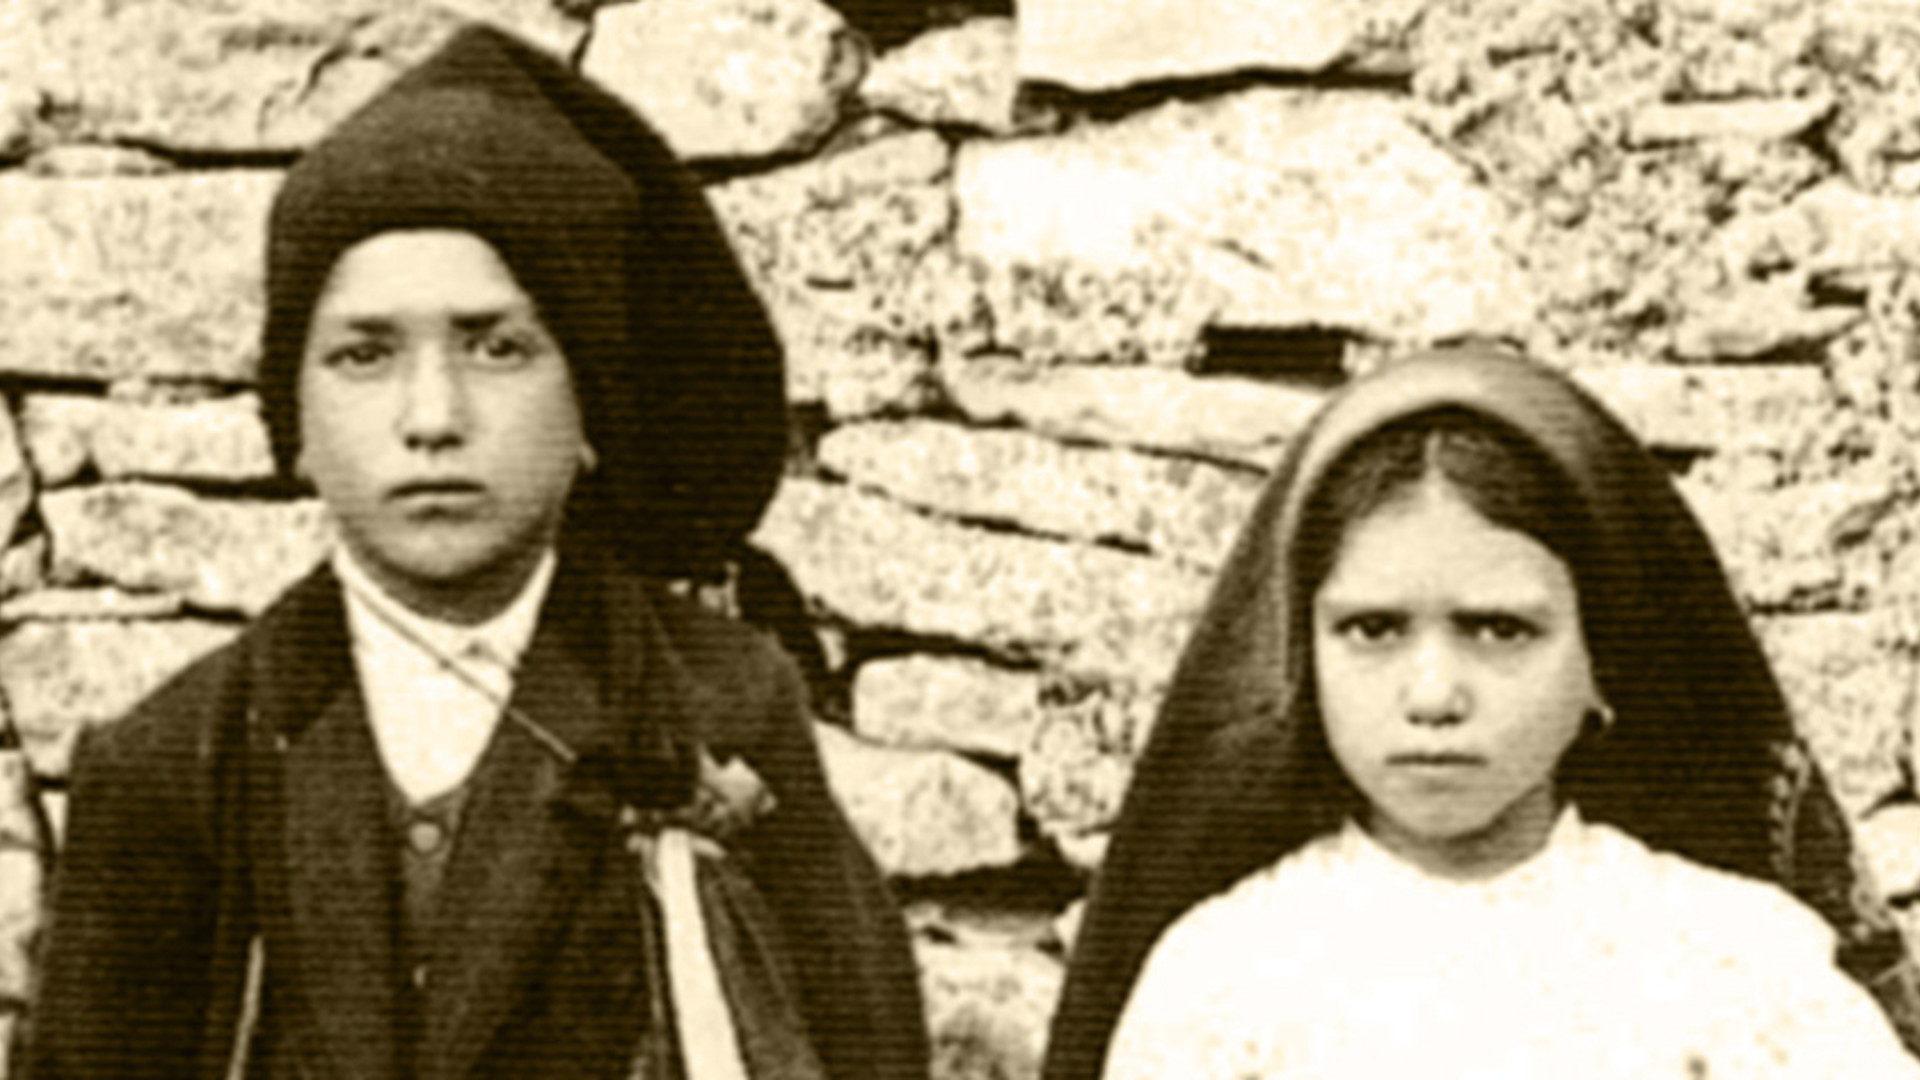 Fatima, Madonna, pastorelli, Portogallo, segreti